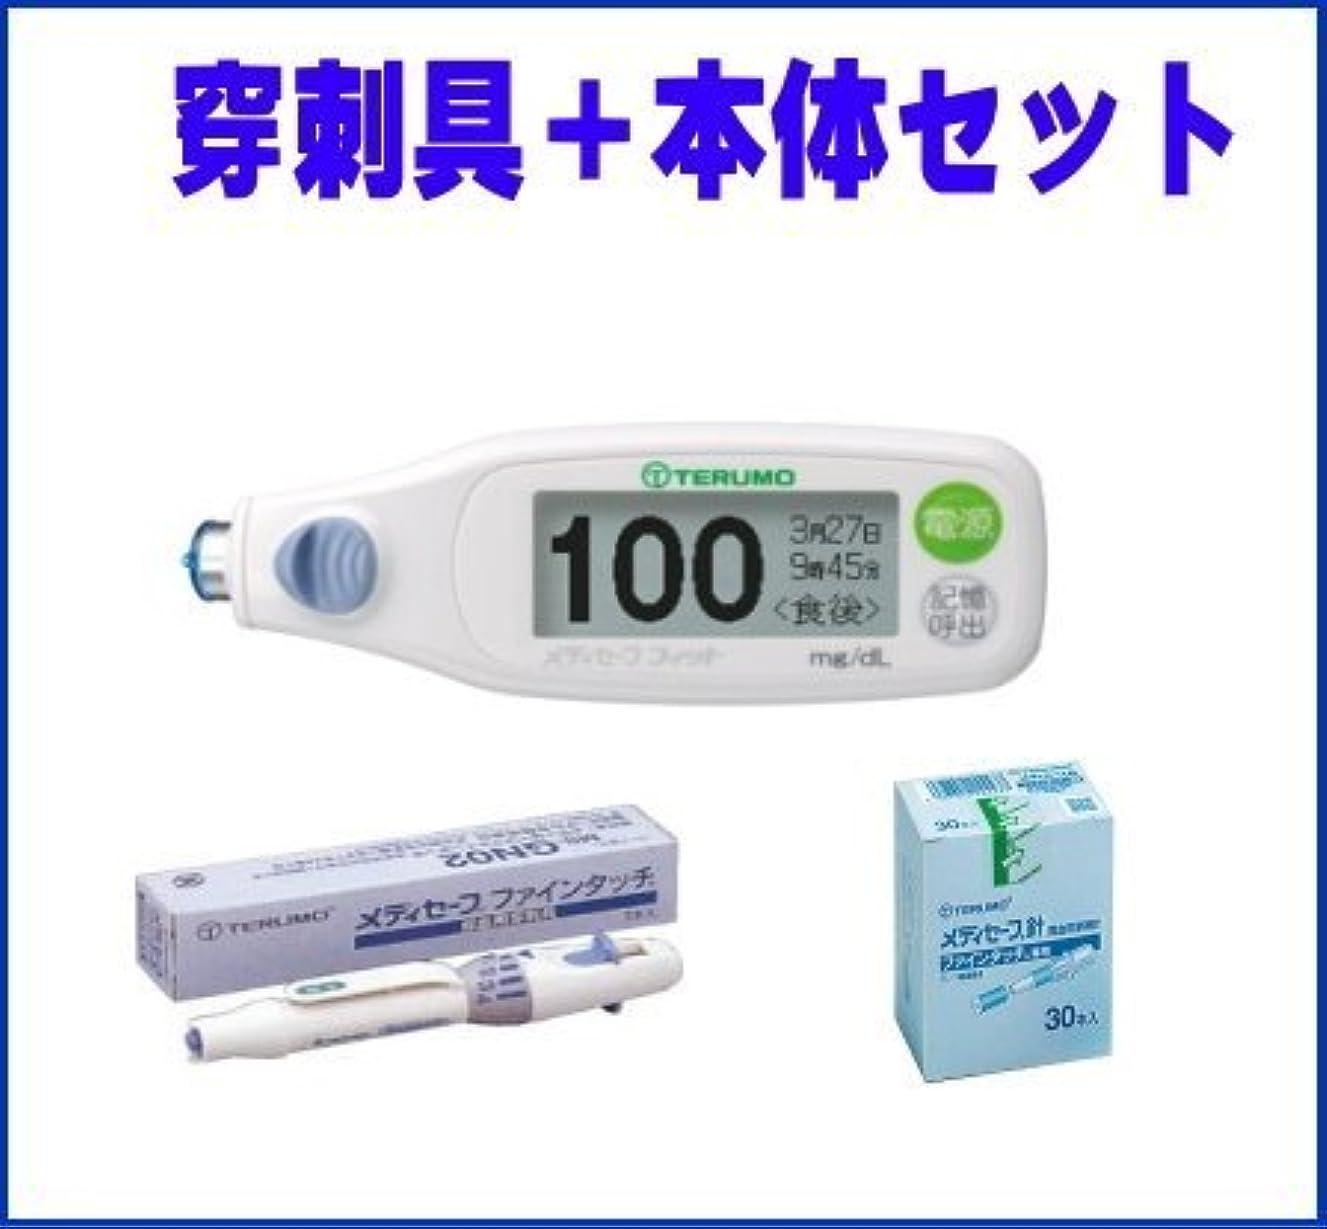 豊富な追記大胆不敵メディセーフフィット 穿刺具セット(ファインタッチ+メディセーフ針) 血糖測定器 3点セット